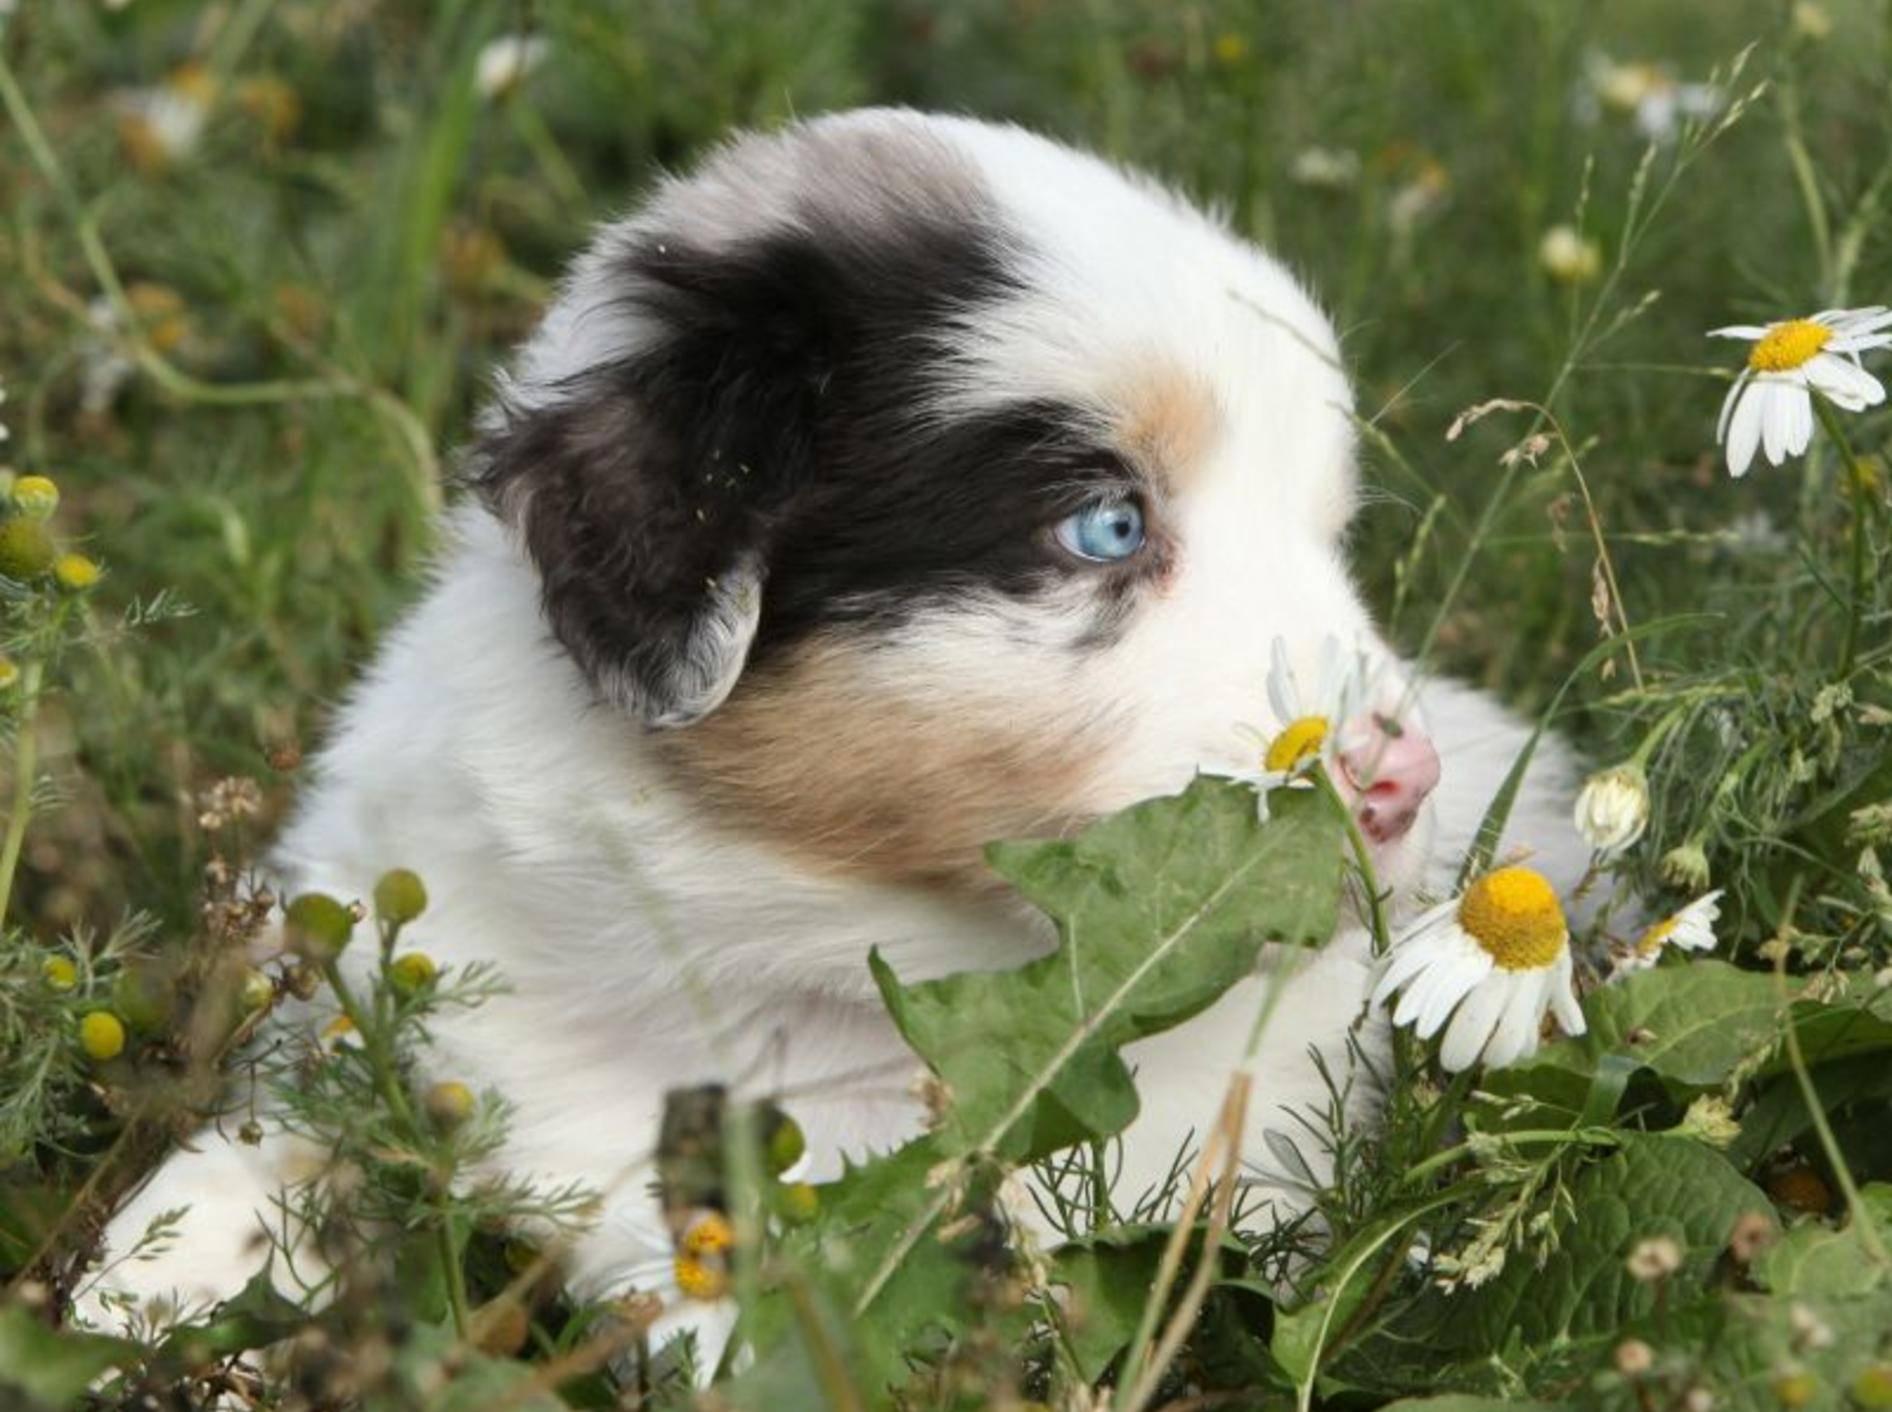 Früh übt sich, denkt sich dieser kleine Australian Sheperd wohl auf seinem ersten großen Hundespaziergang — Bild: Shutterstock / Zuzule